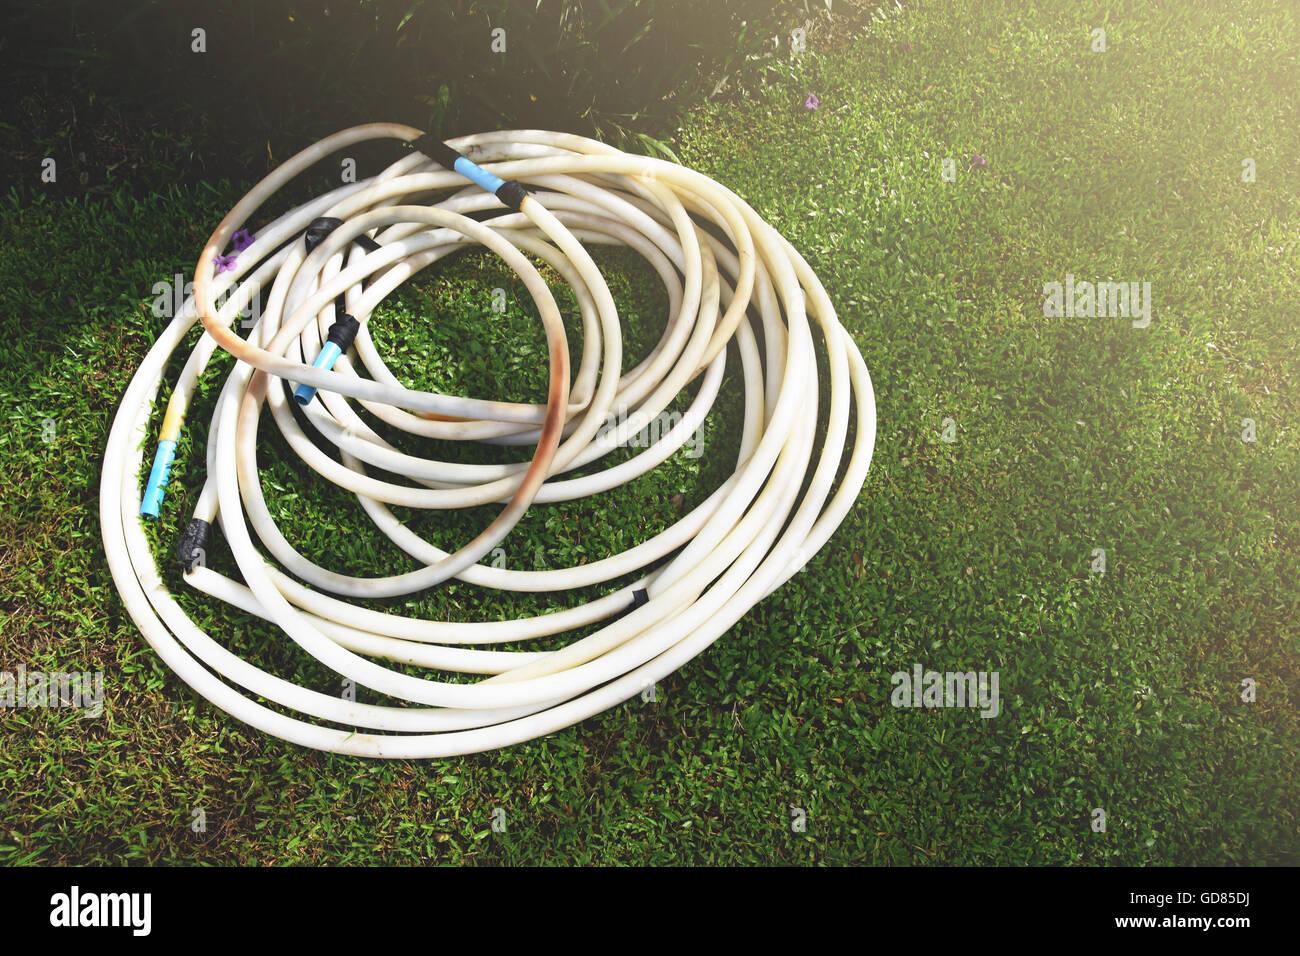 Garden Hose In Morning Light Or Evening Light   Stock Image